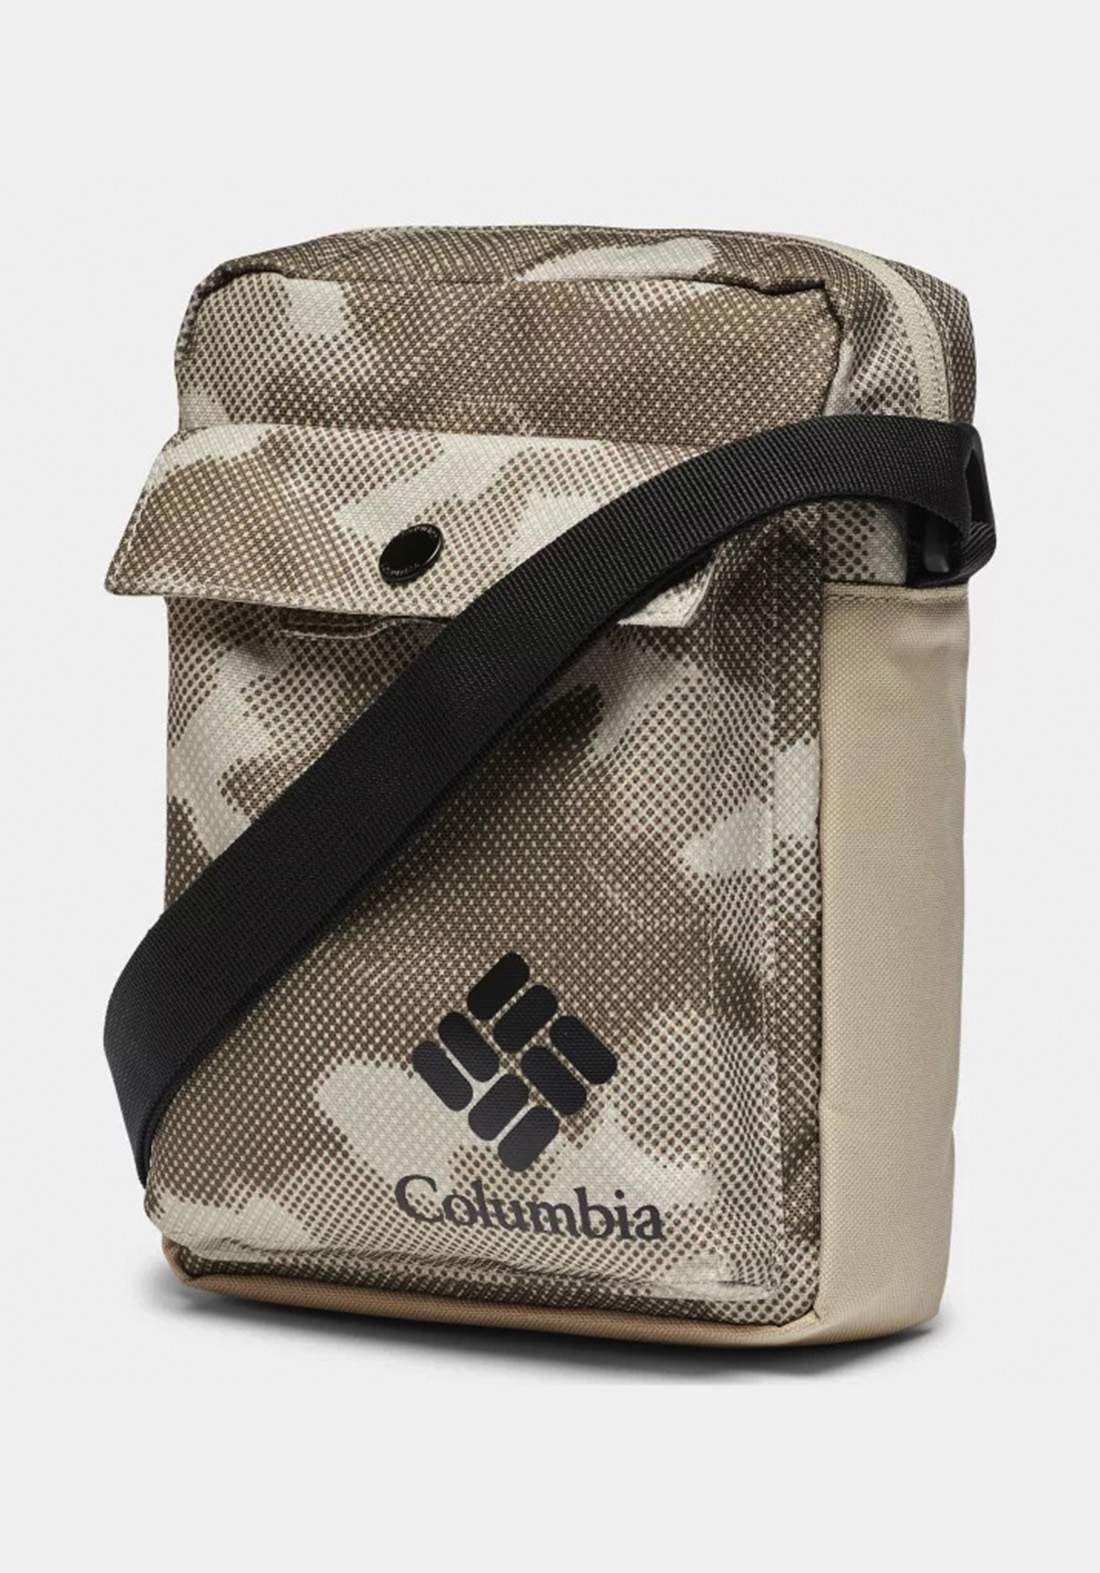 حقيبة جانبية بزخرفة عسكرية  من Columbia